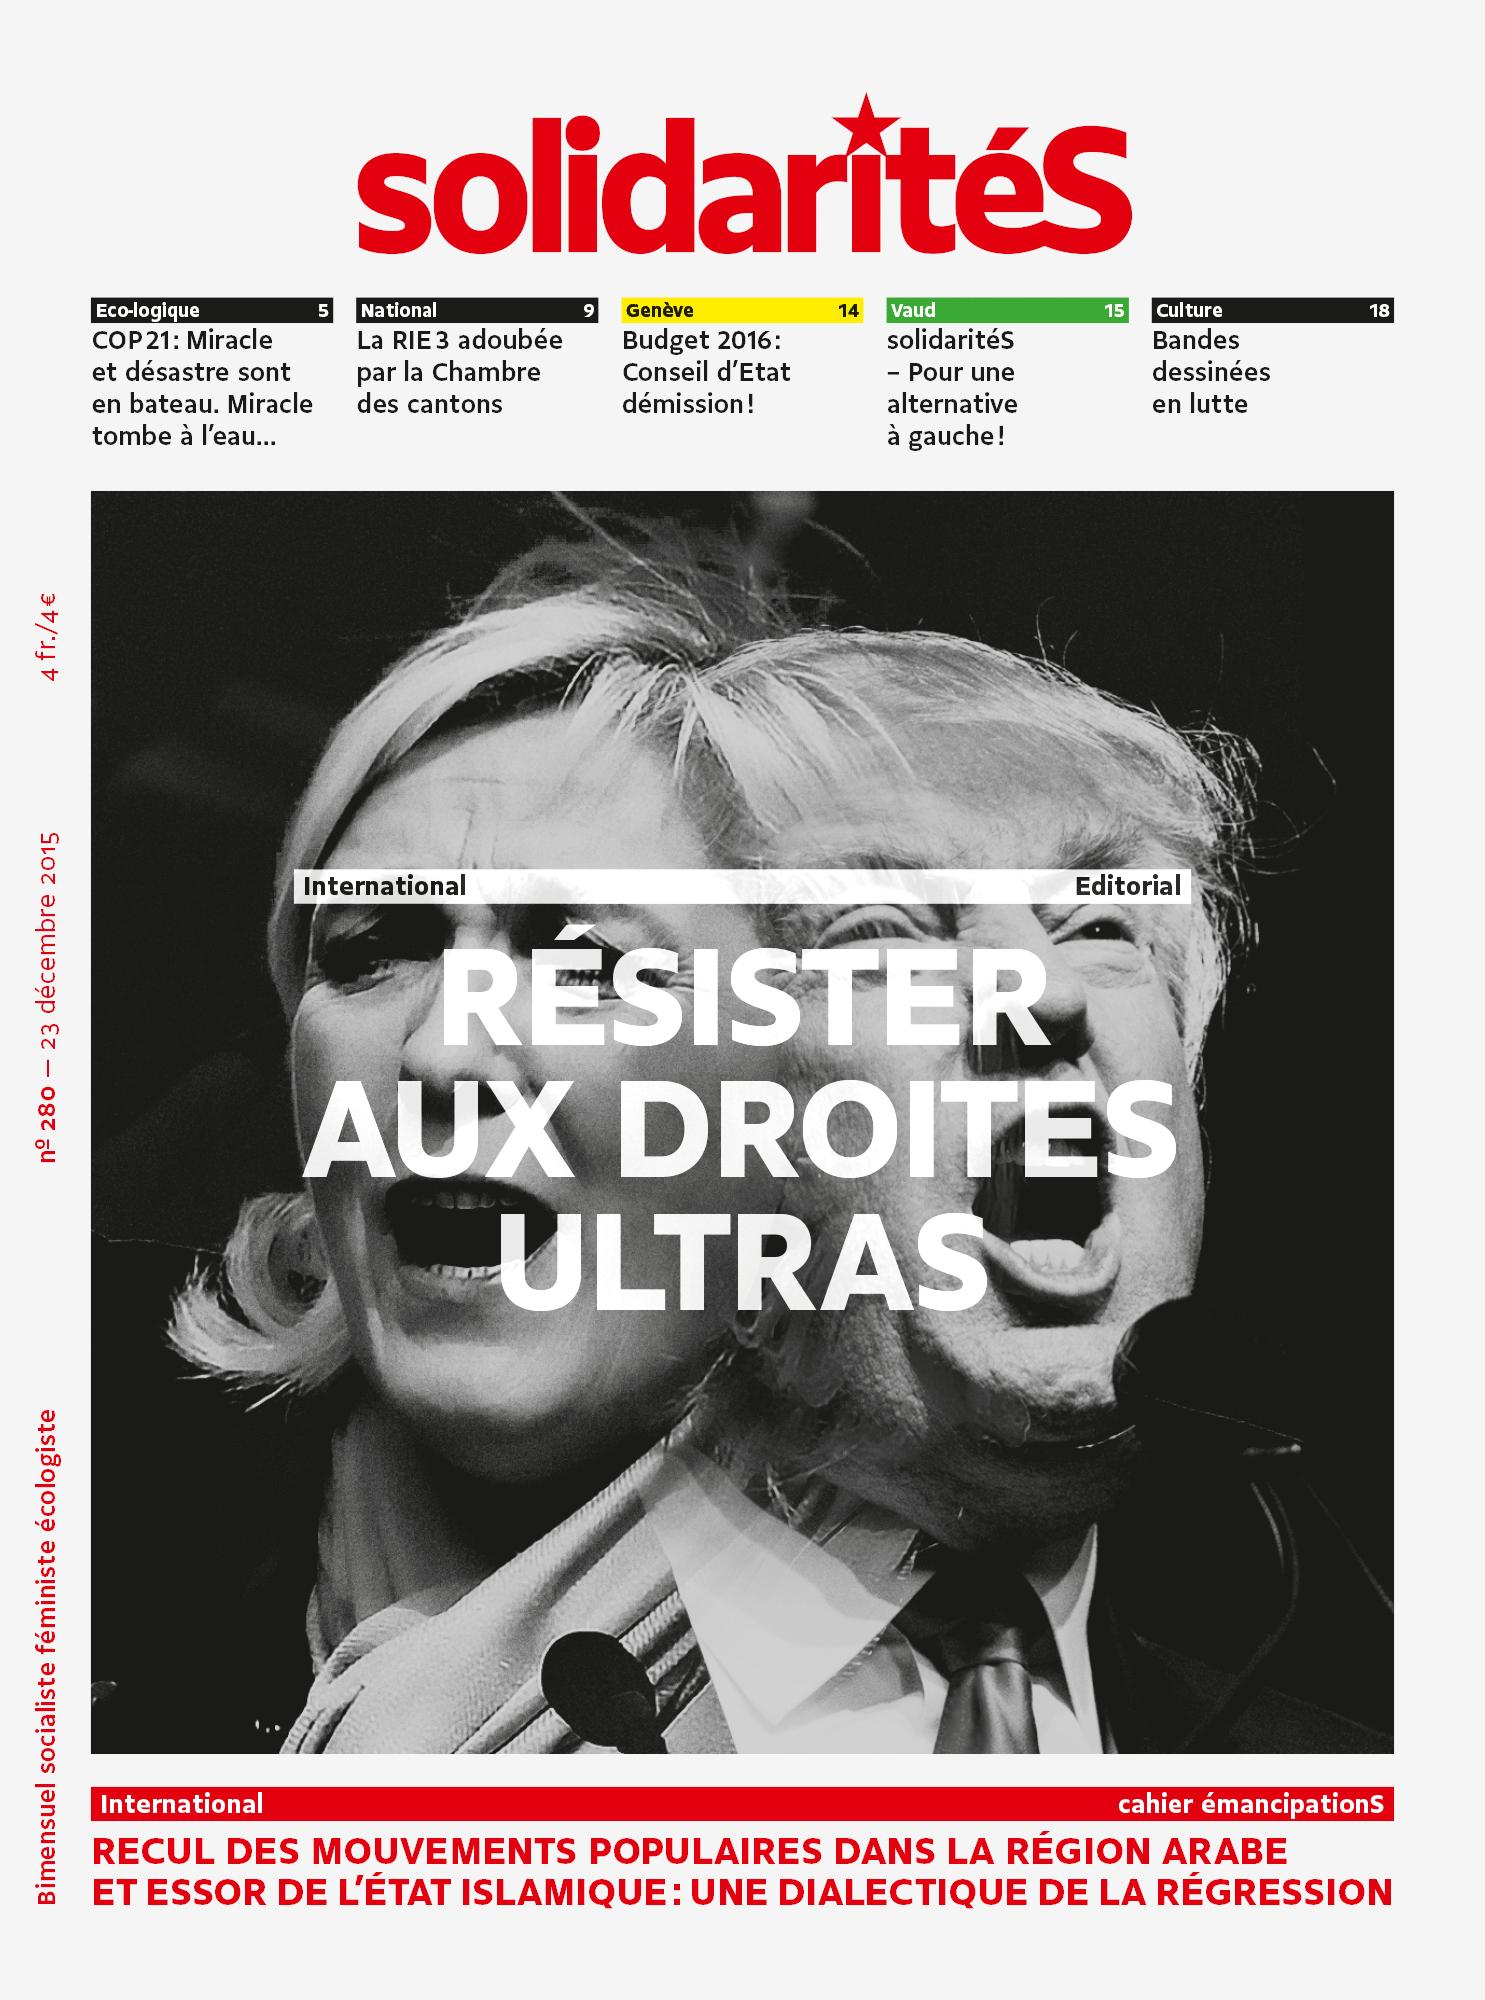 Couverture du numéro 280 du bimensuel solidaritéS: Trump et Marine Le Pen